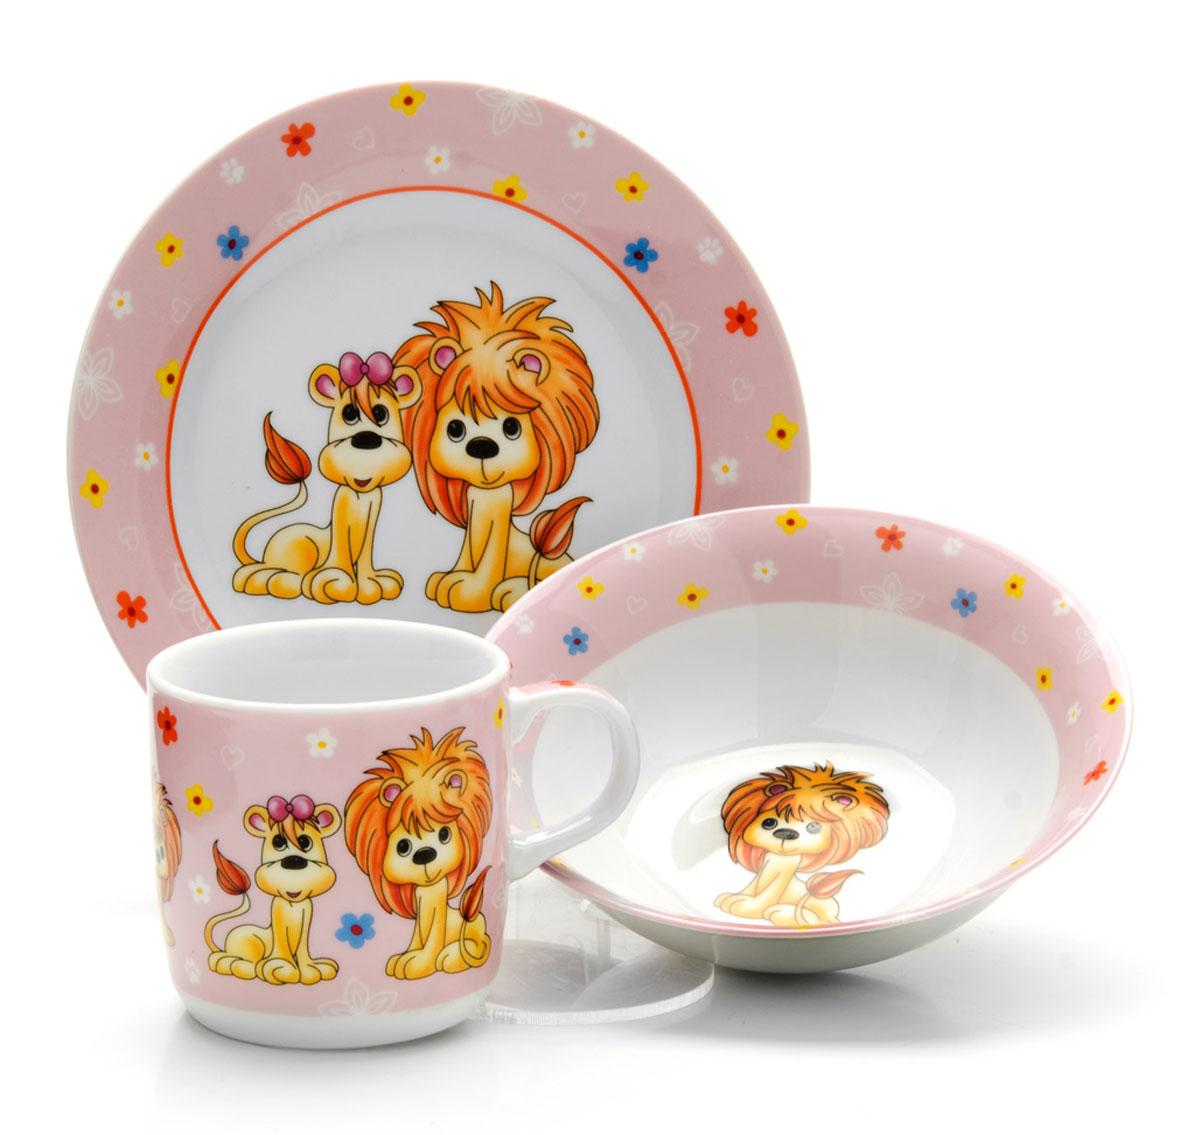 Набор детской посуды Loraine Лев, 3 предмета26097